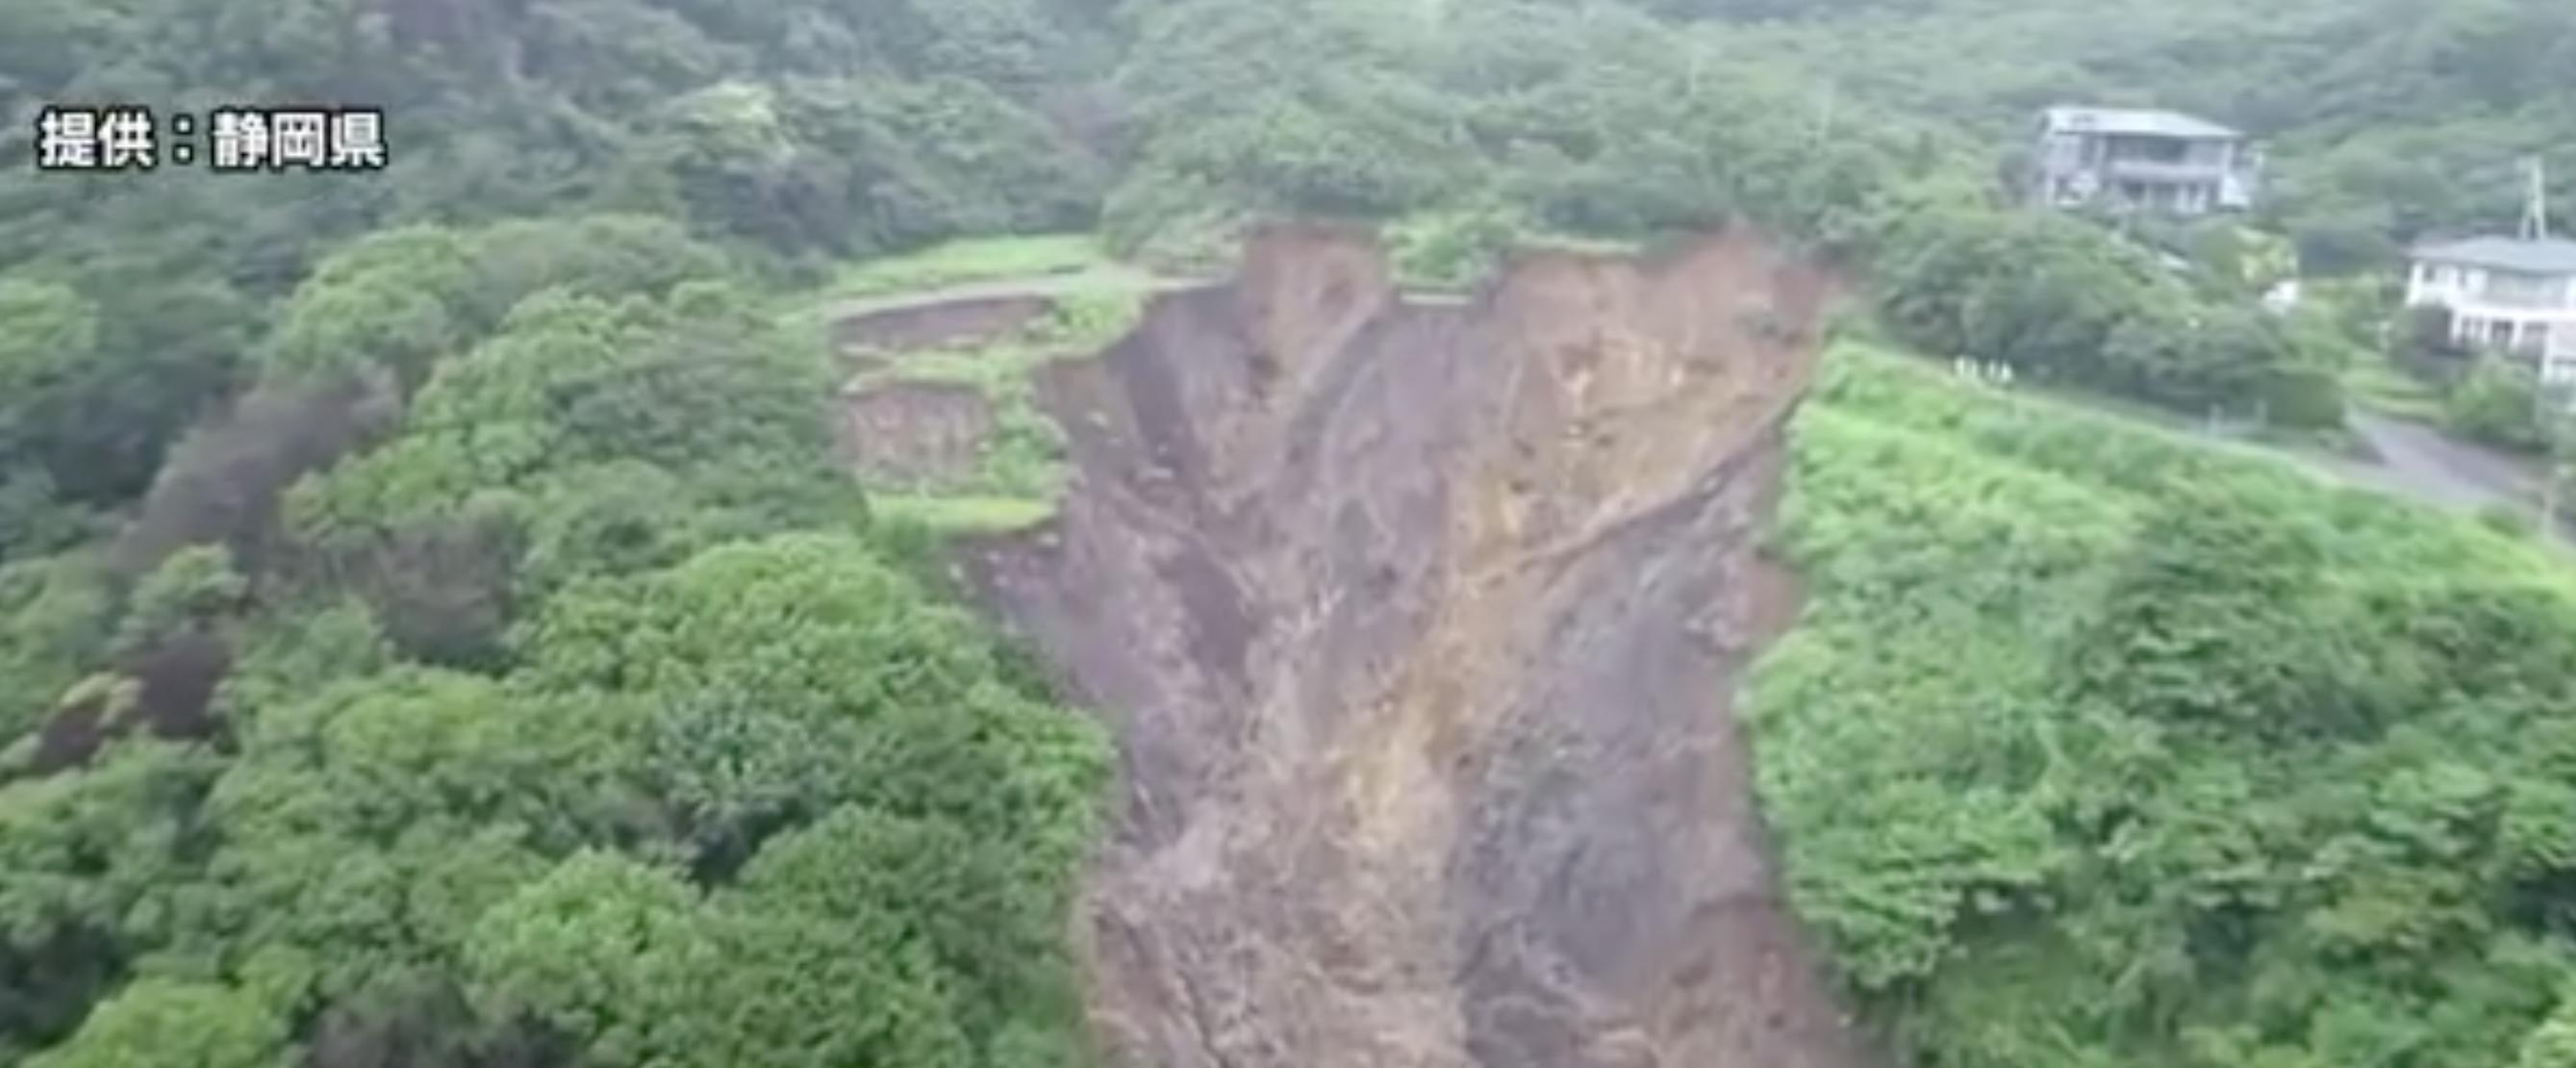 シリーズ;熱海・伊豆山地区土砂災害 ー安否不明113名、上流域で盛り土による開発行為・民間企業に支援の動き